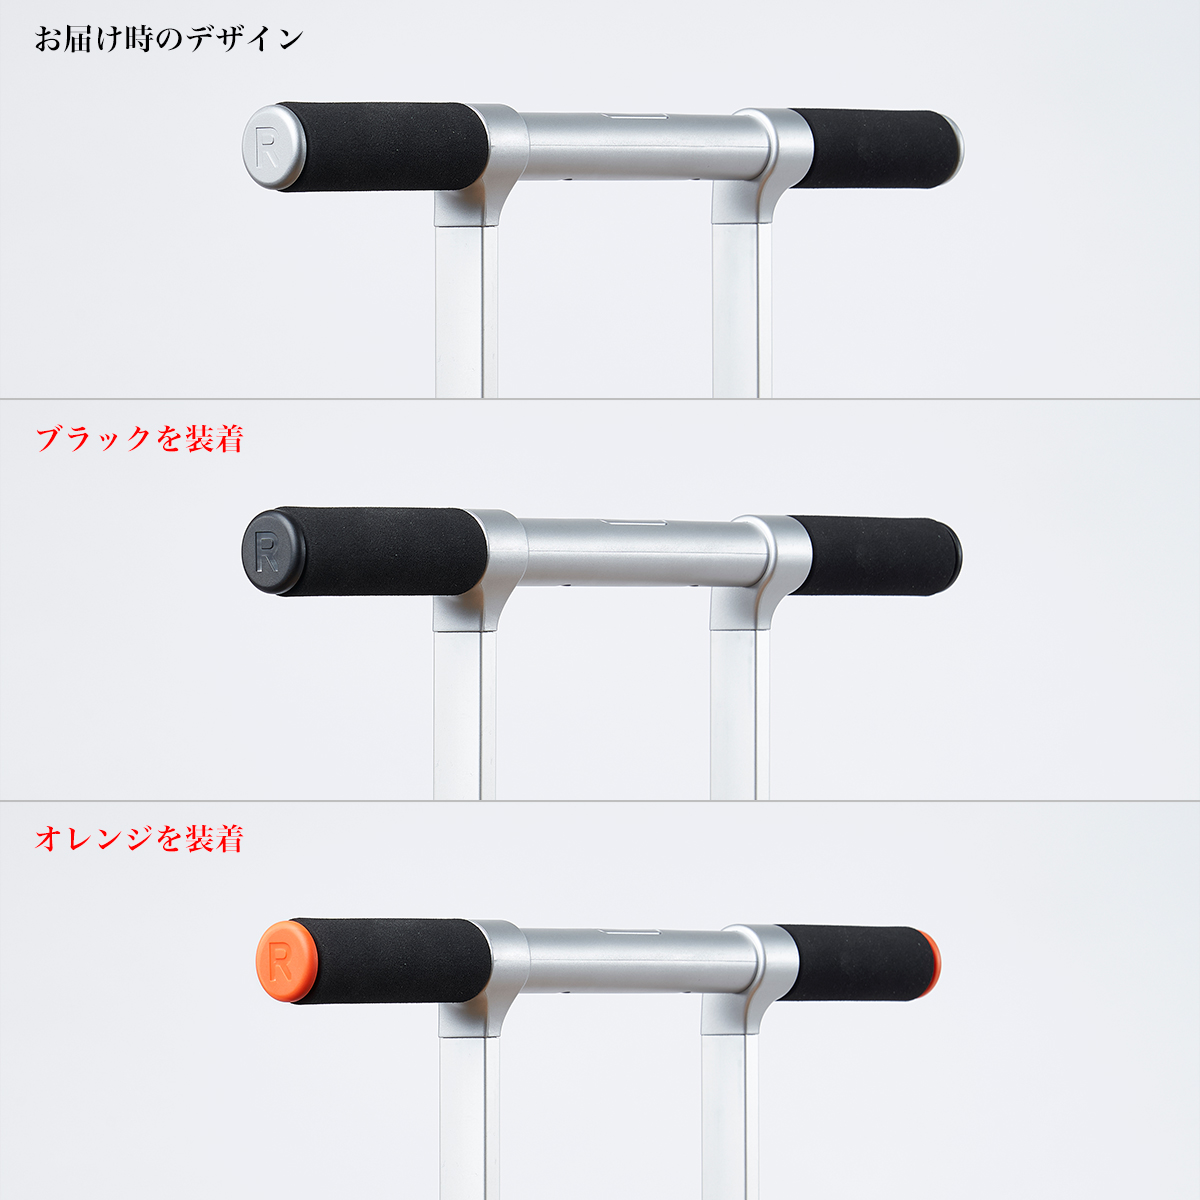 R TRUNK|愛用スーツケースを好きな配色にカスタマイズ!TTハンドルの横顔を気分に合わせて付替えできる「ハンドル用キャップ」|RAWROW